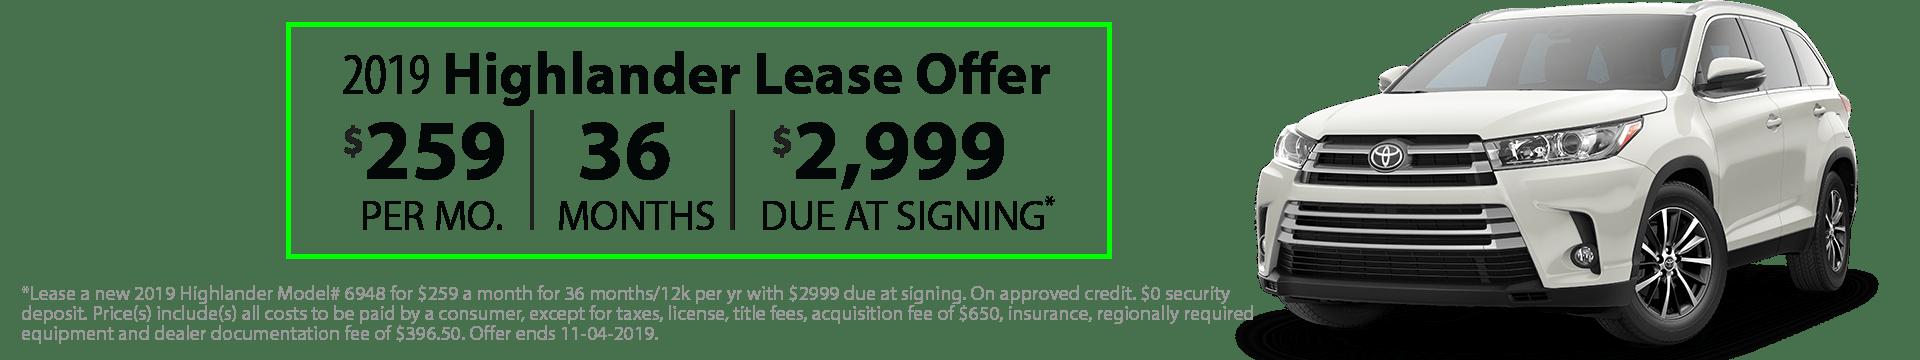 2019 Highlander Special Lease Offer